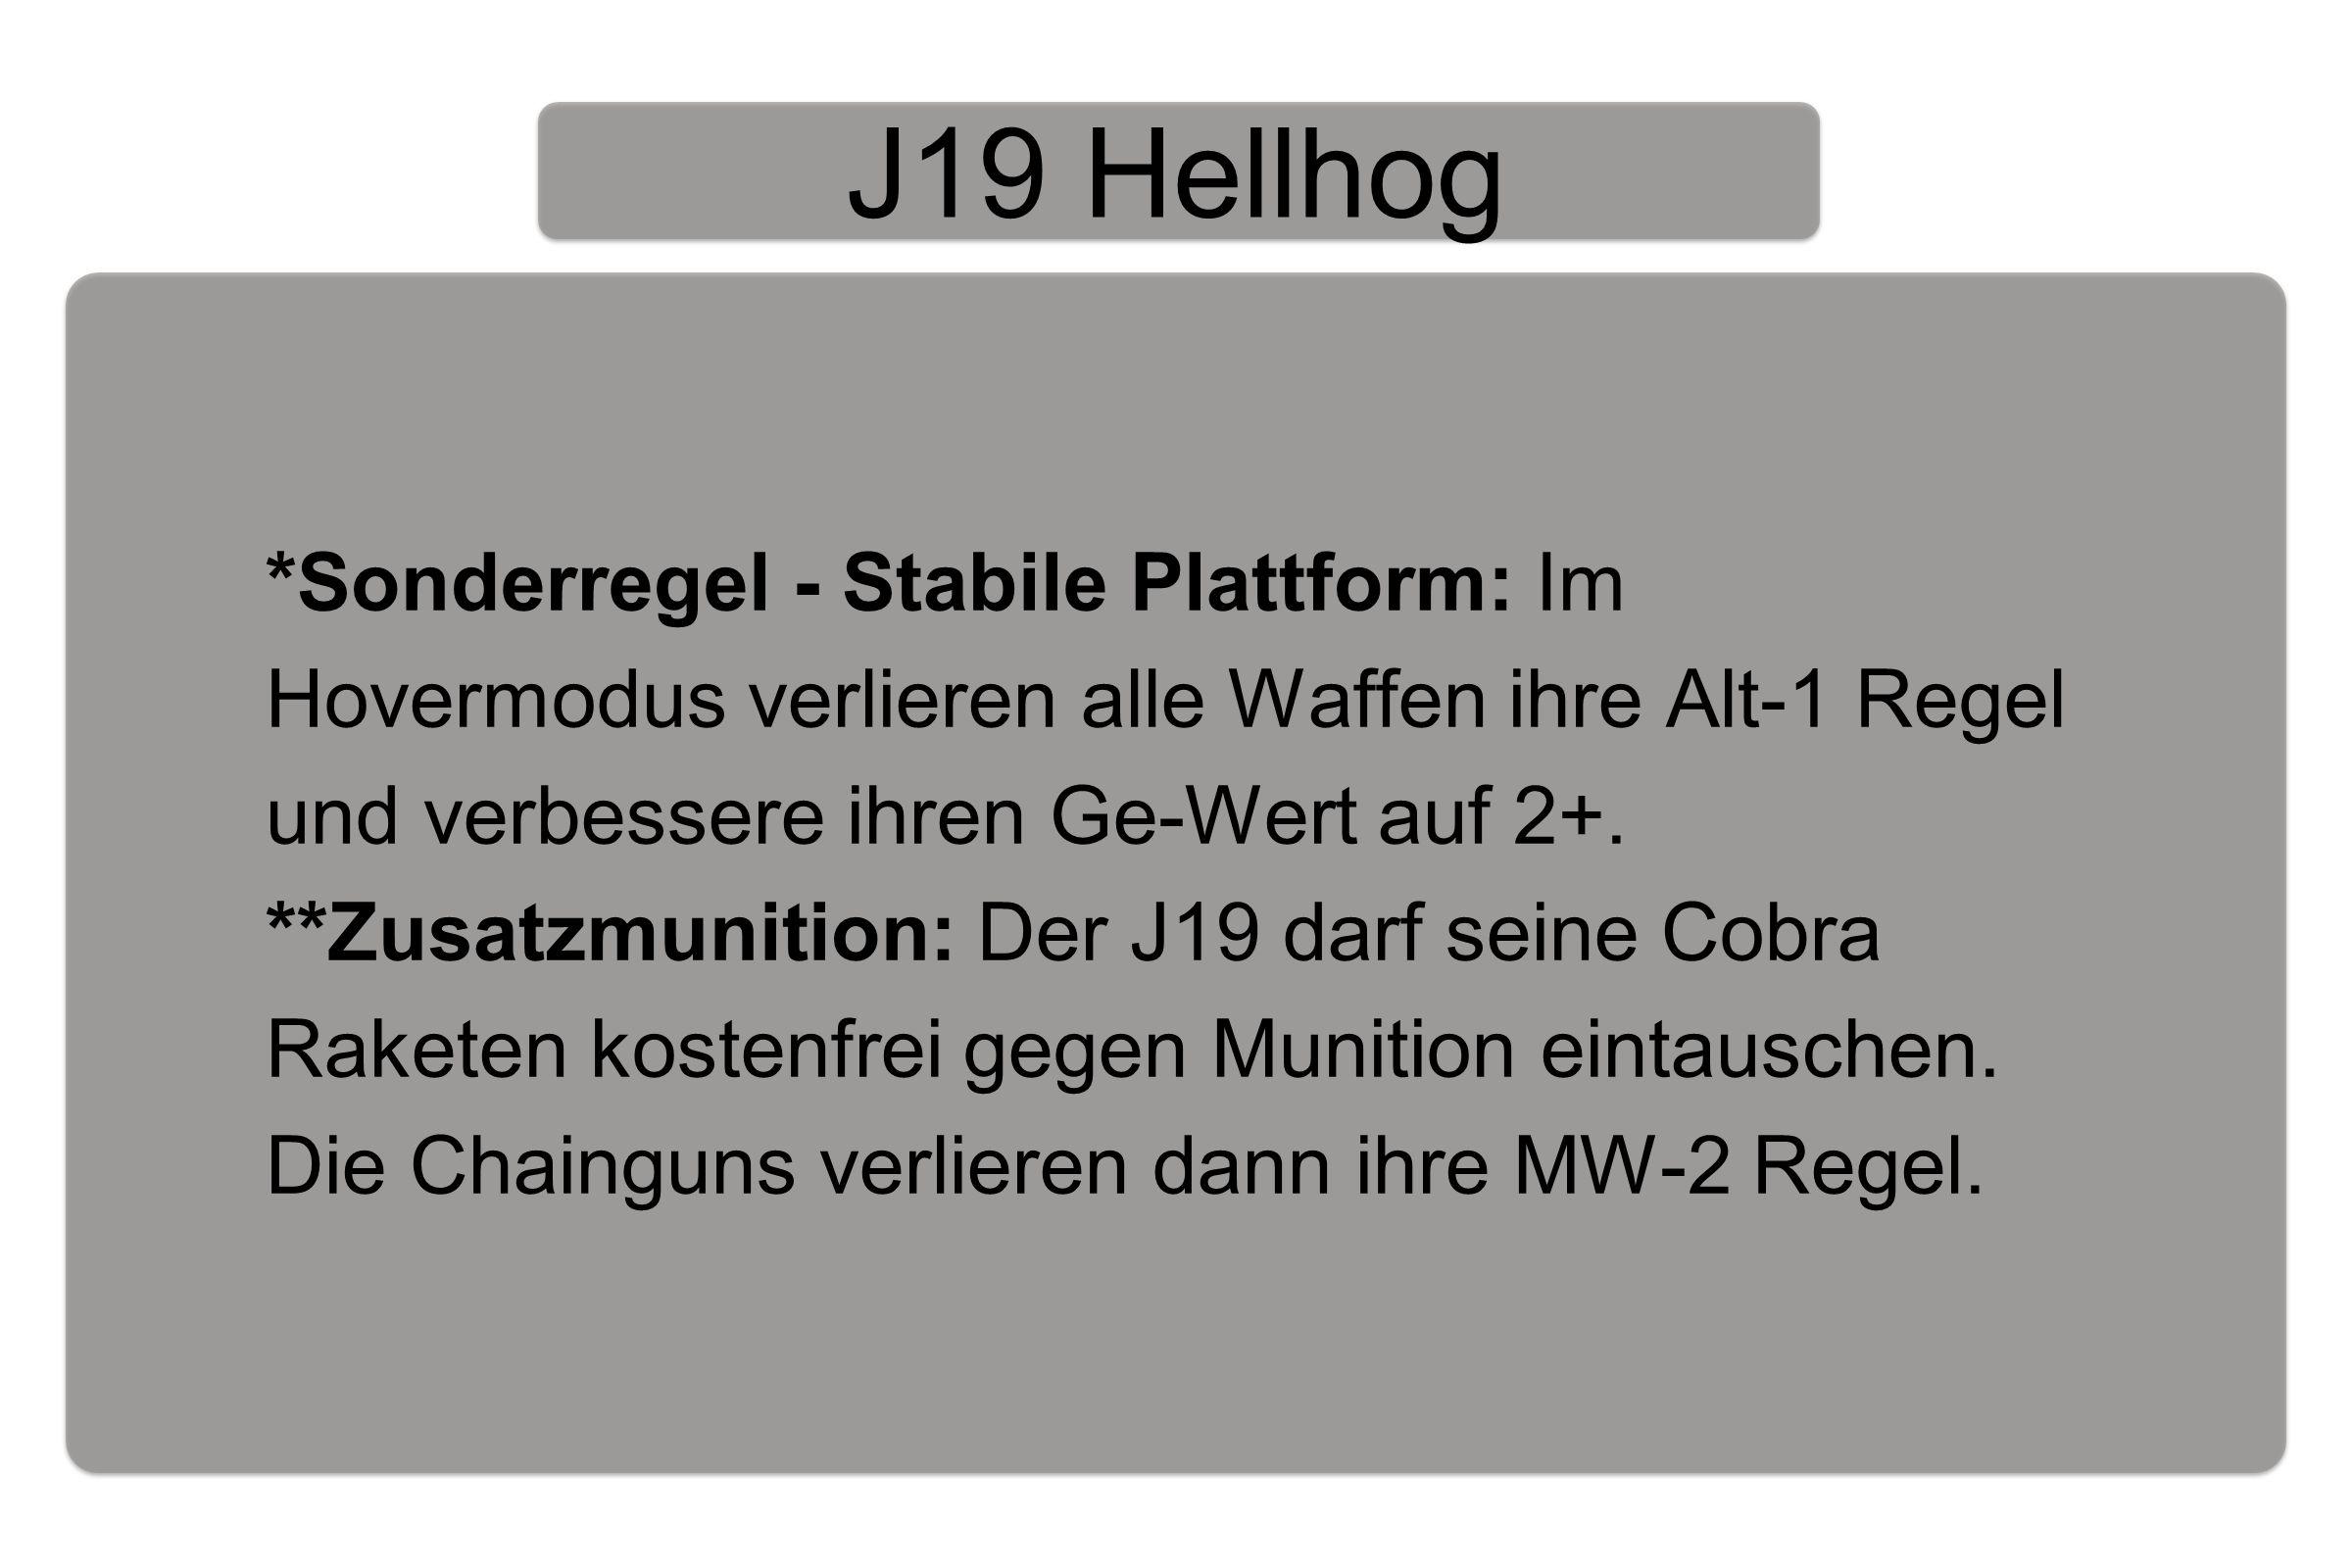 J19 Hellhog *Sonderregel - Stabile Plattform: Im Hovermodus verlieren alle Waffen ihre Alt-1 Regel und verbessere ihren Ge-Wert auf 2+.